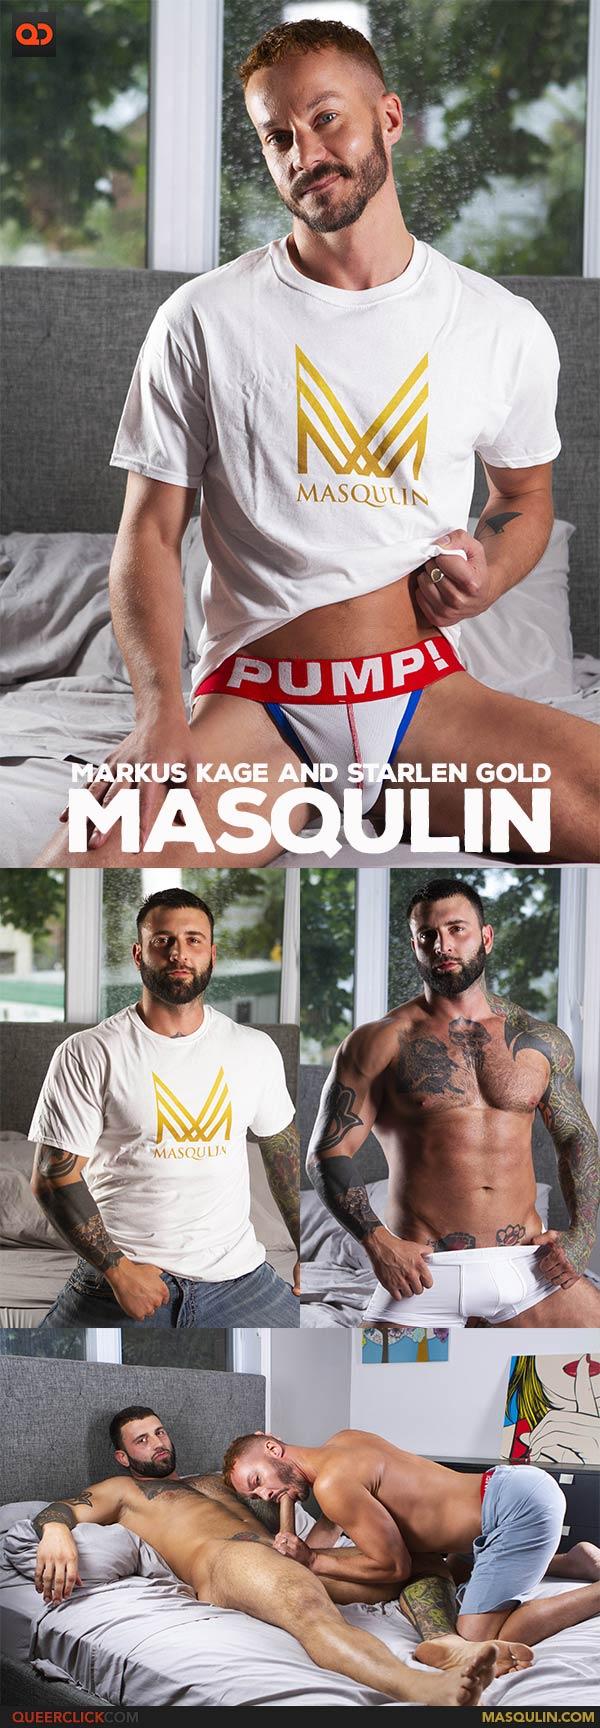 Masqulin: Markus Kage and Starlen Gold